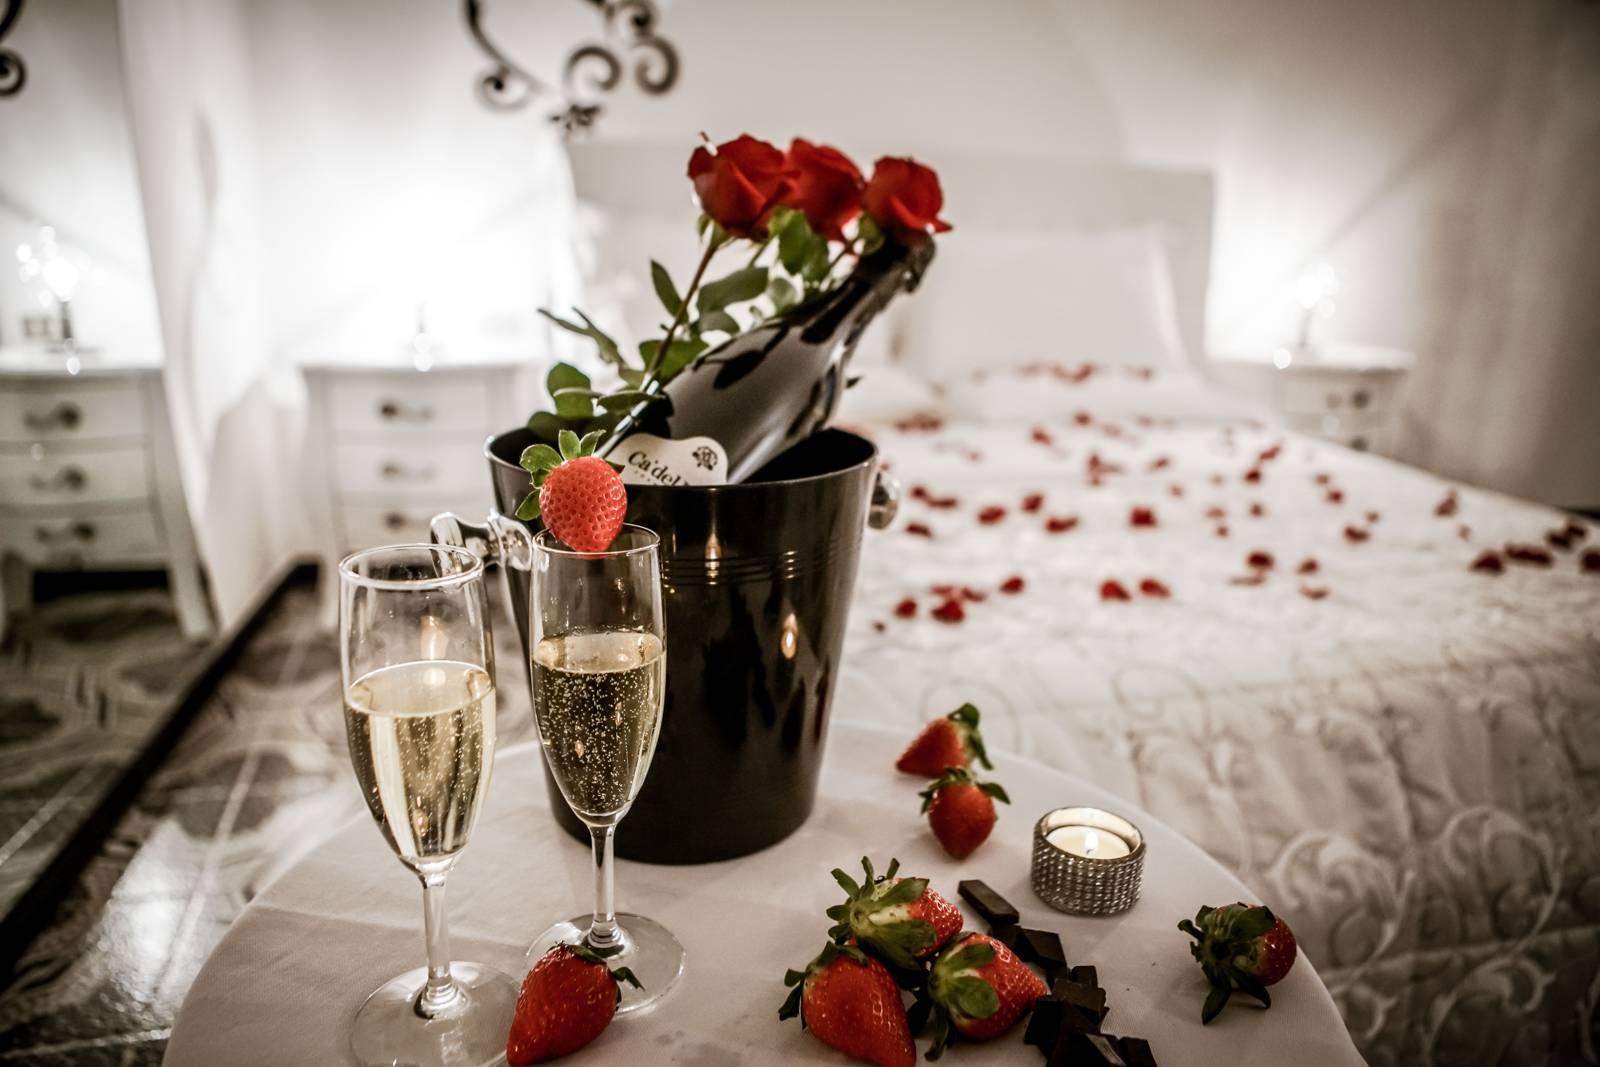 Progettazione Sito web Bed and Breakfast: B&B Il Sogno di Pandora - Maingage, Web agency Bari